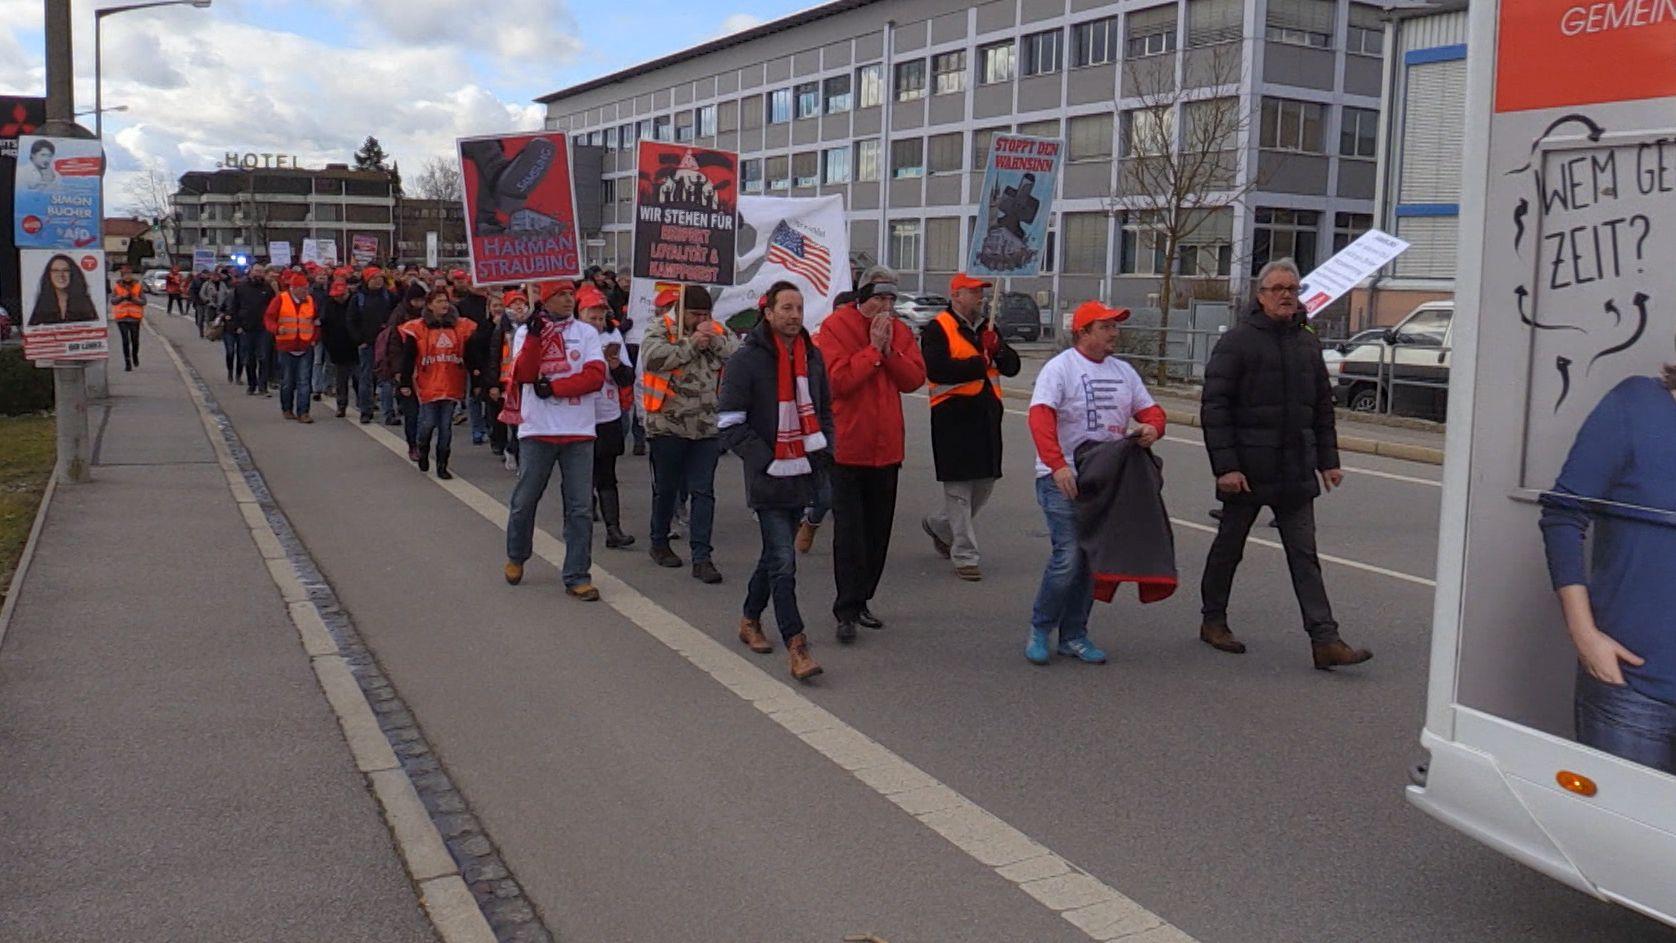 Die Harman-Beschäftigten ziehen vom Werk Richtung Straubing-Ost